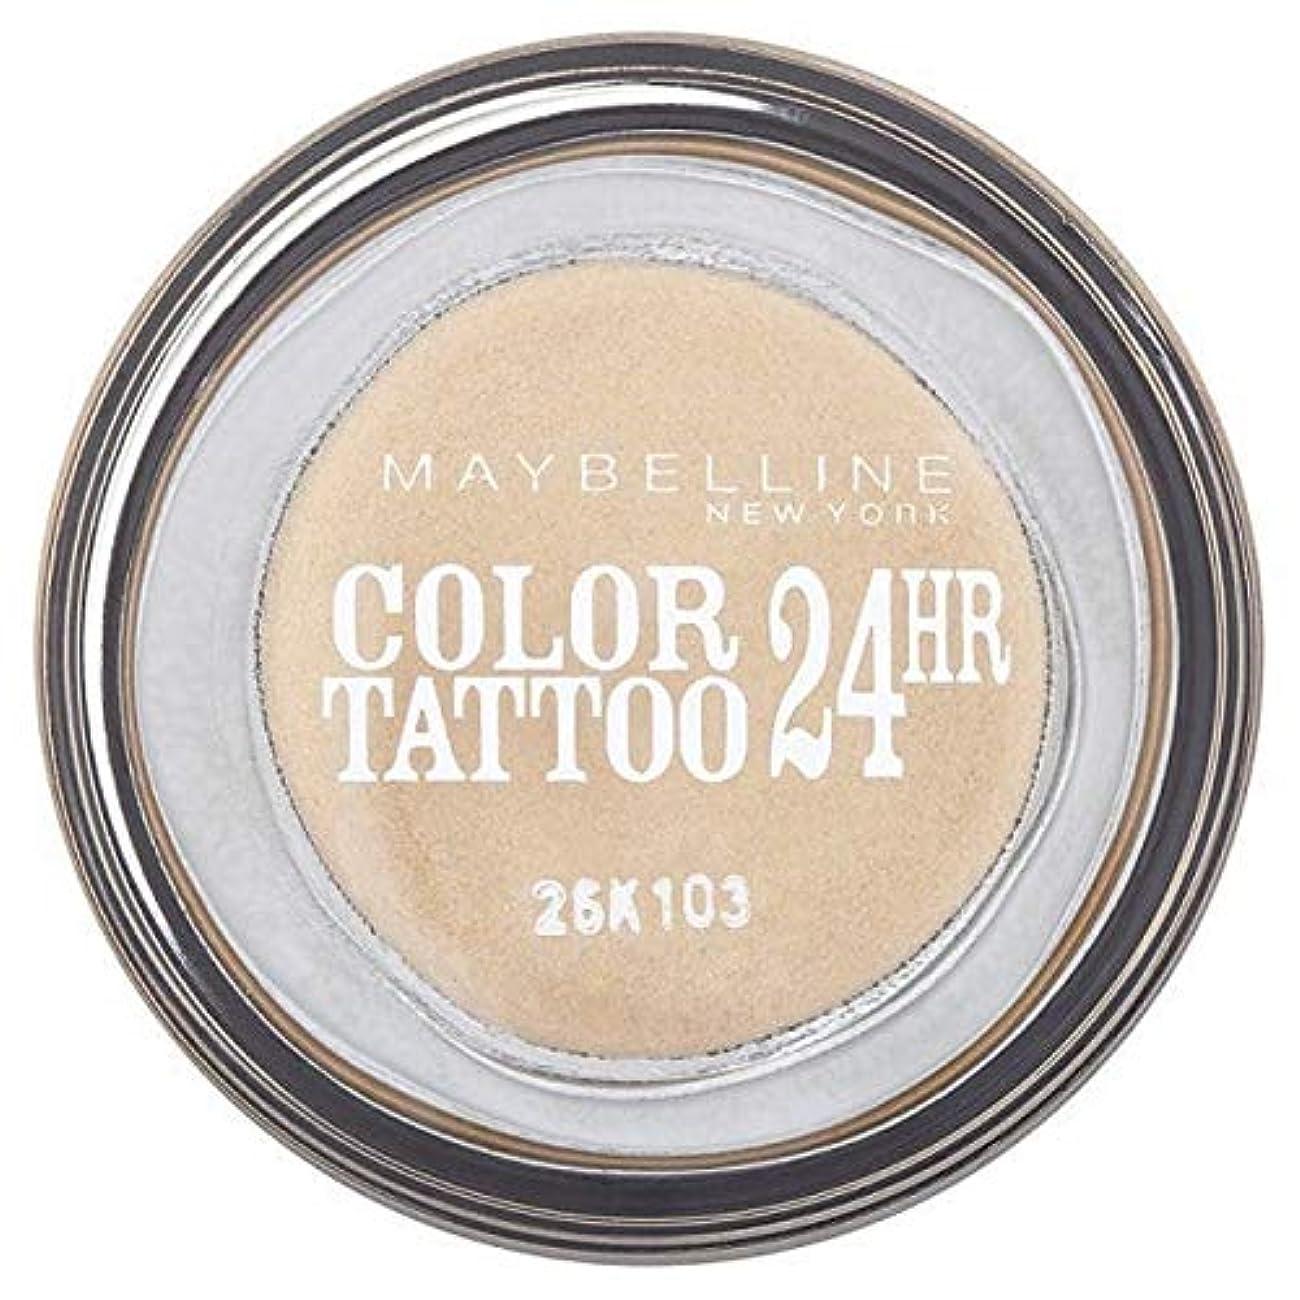 下着のヒープ方程式[Maybelline ] シングルアイシャドウ05金24時間メイベリンカラータトゥー - Maybelline Color Tattoo 24Hr Single Eyeshadow 05 Gold [並行輸入品]